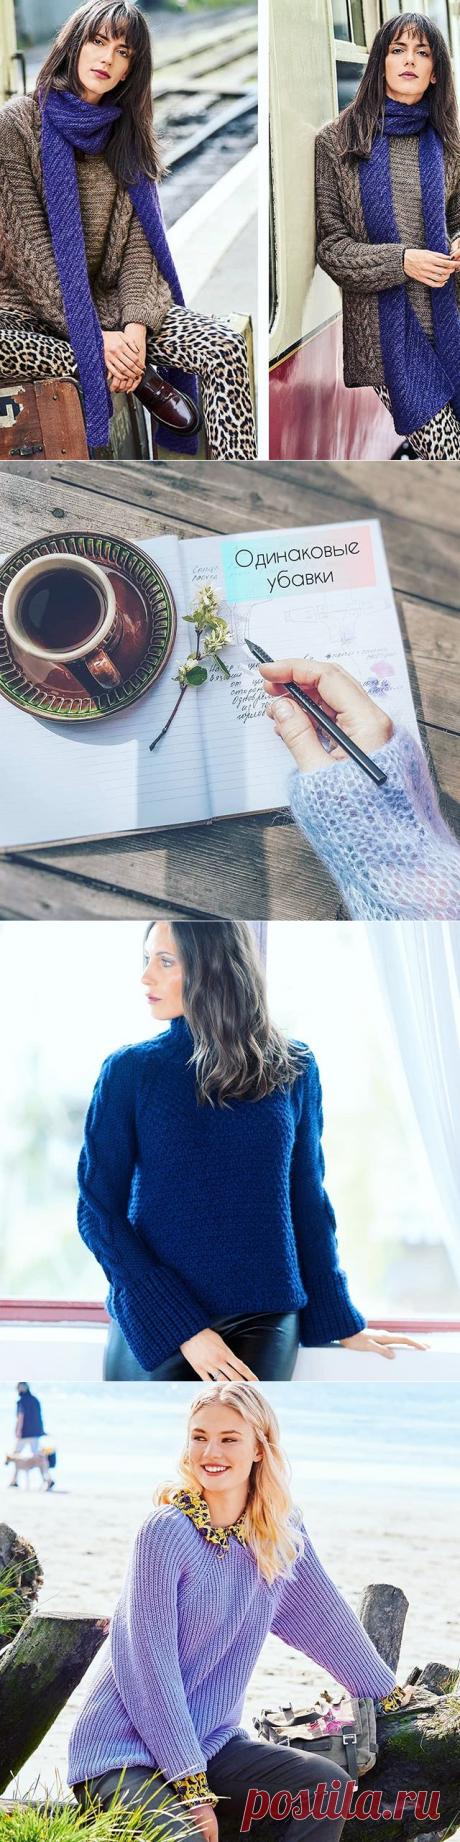 Вязание узоры спицы крючок (@knit_pattern) • Фото и видео в Instagram